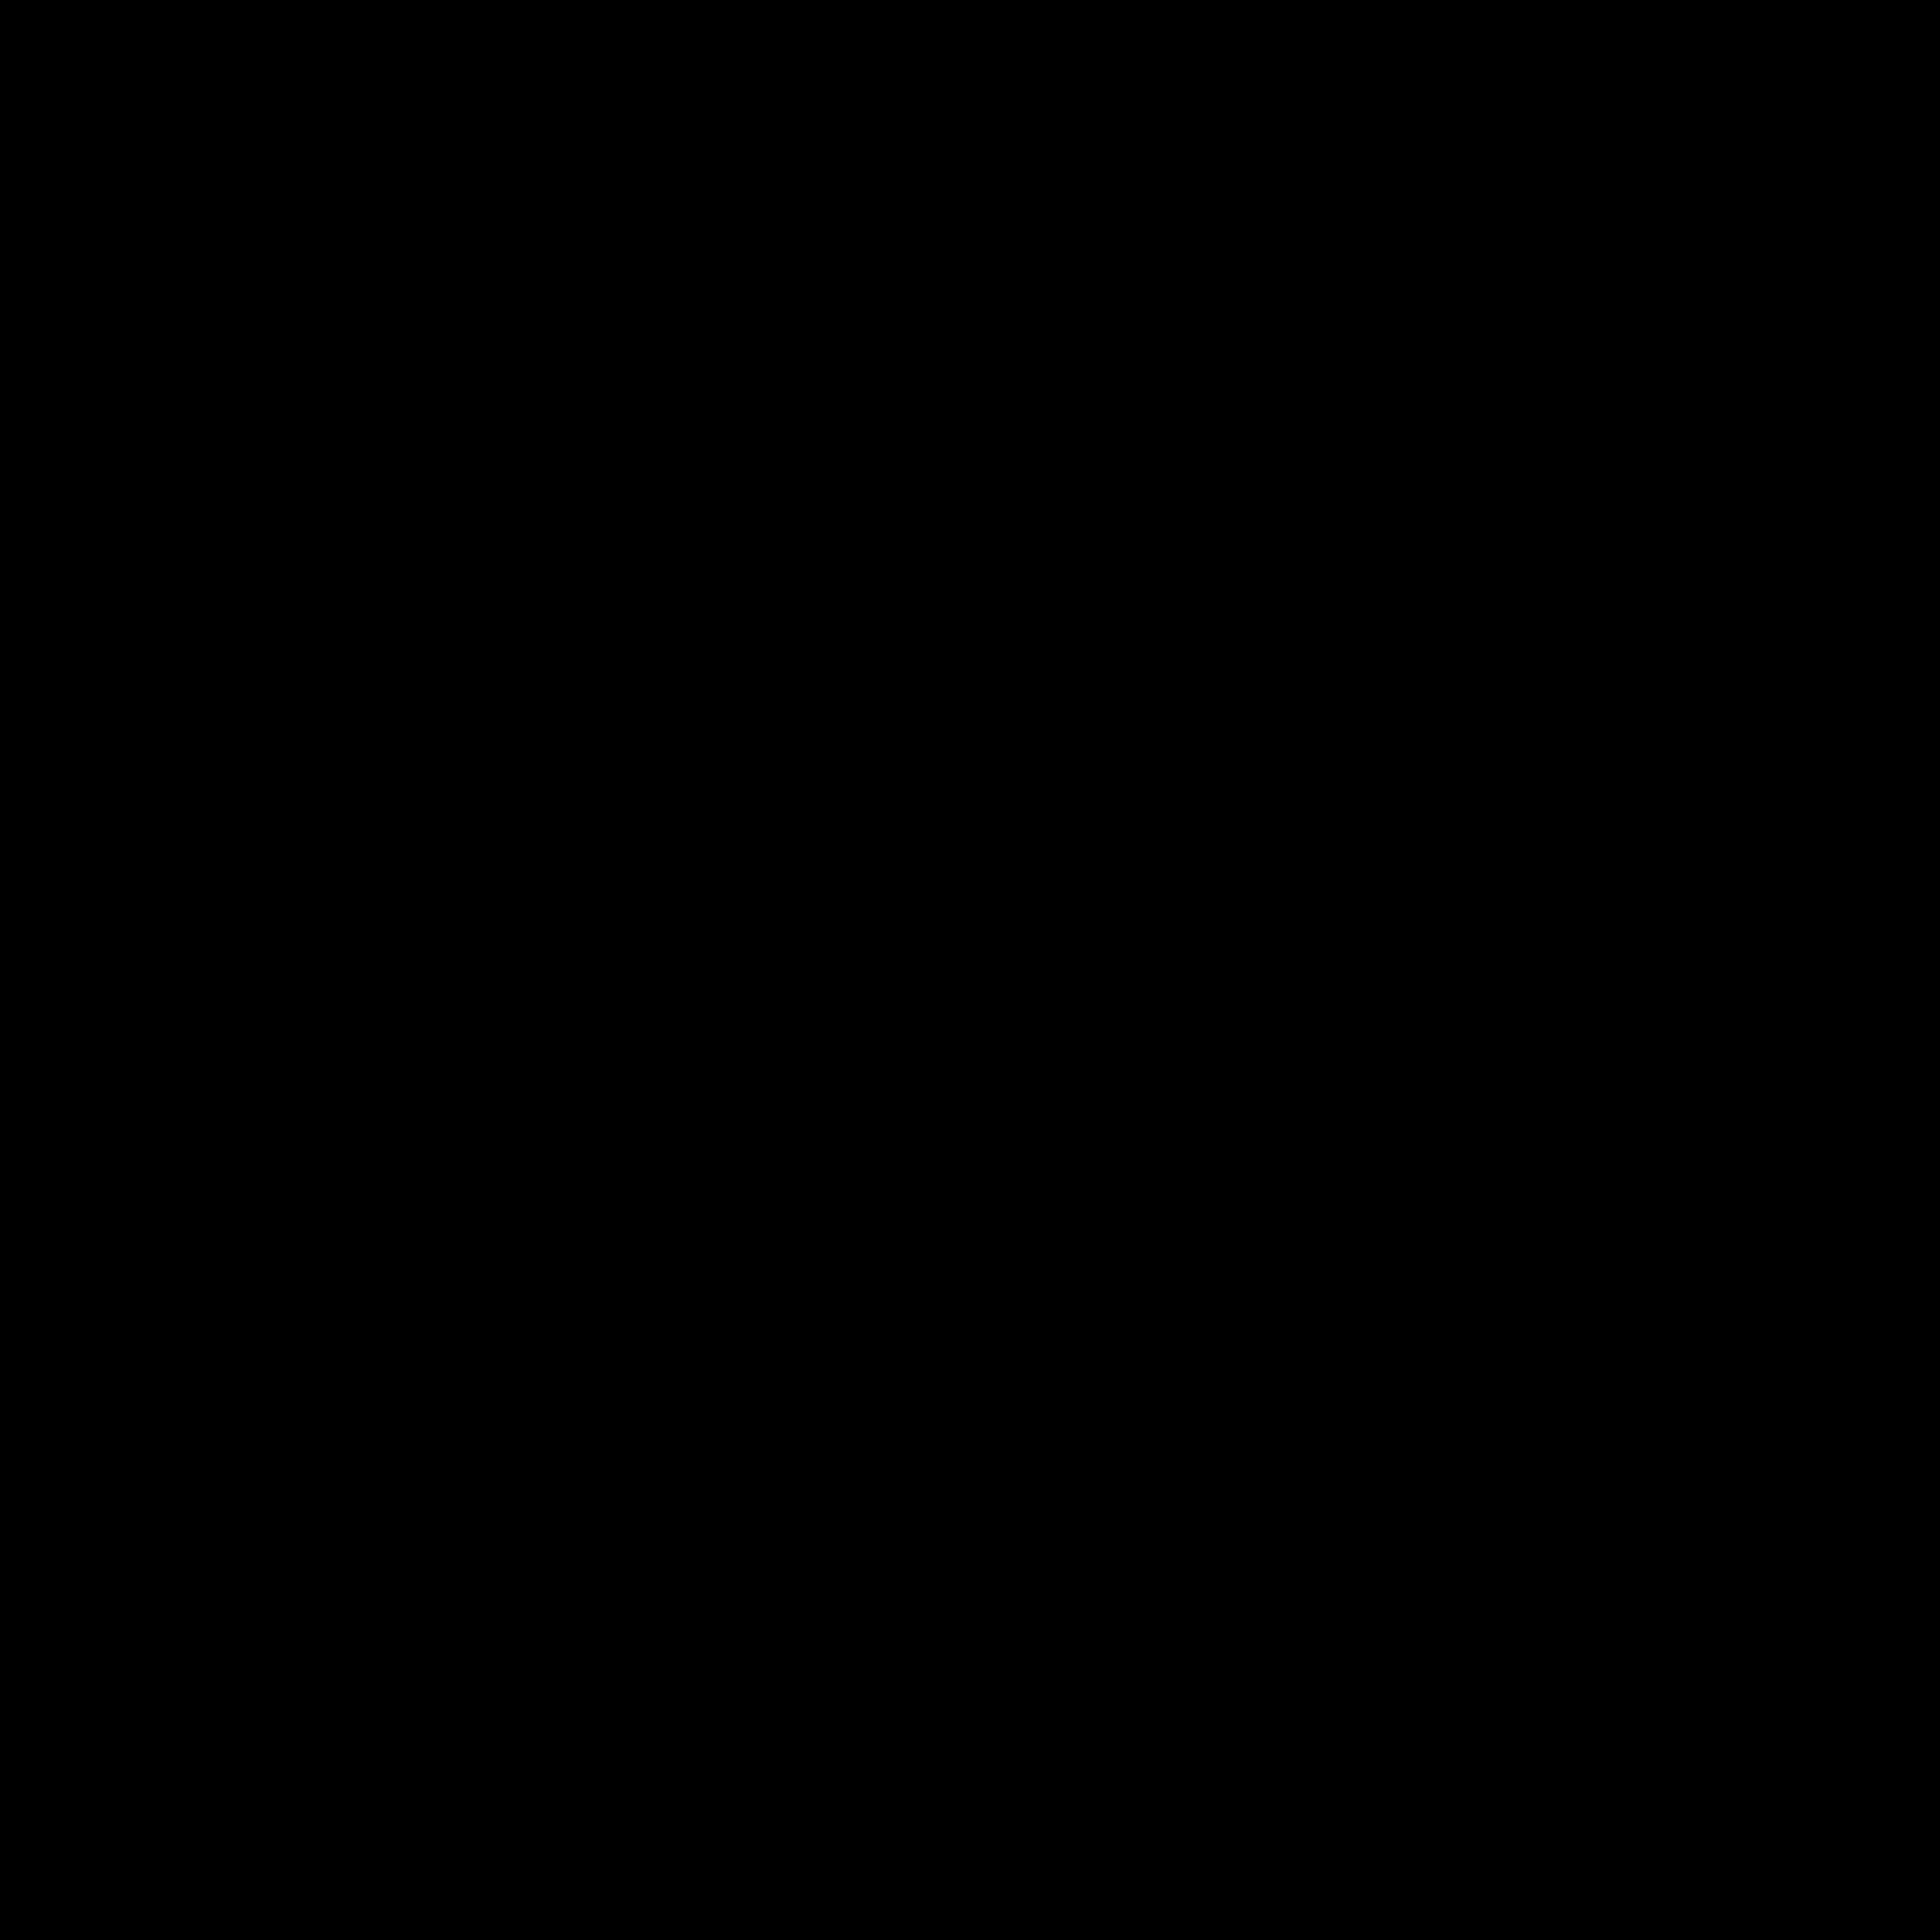 logo-slice-8.png